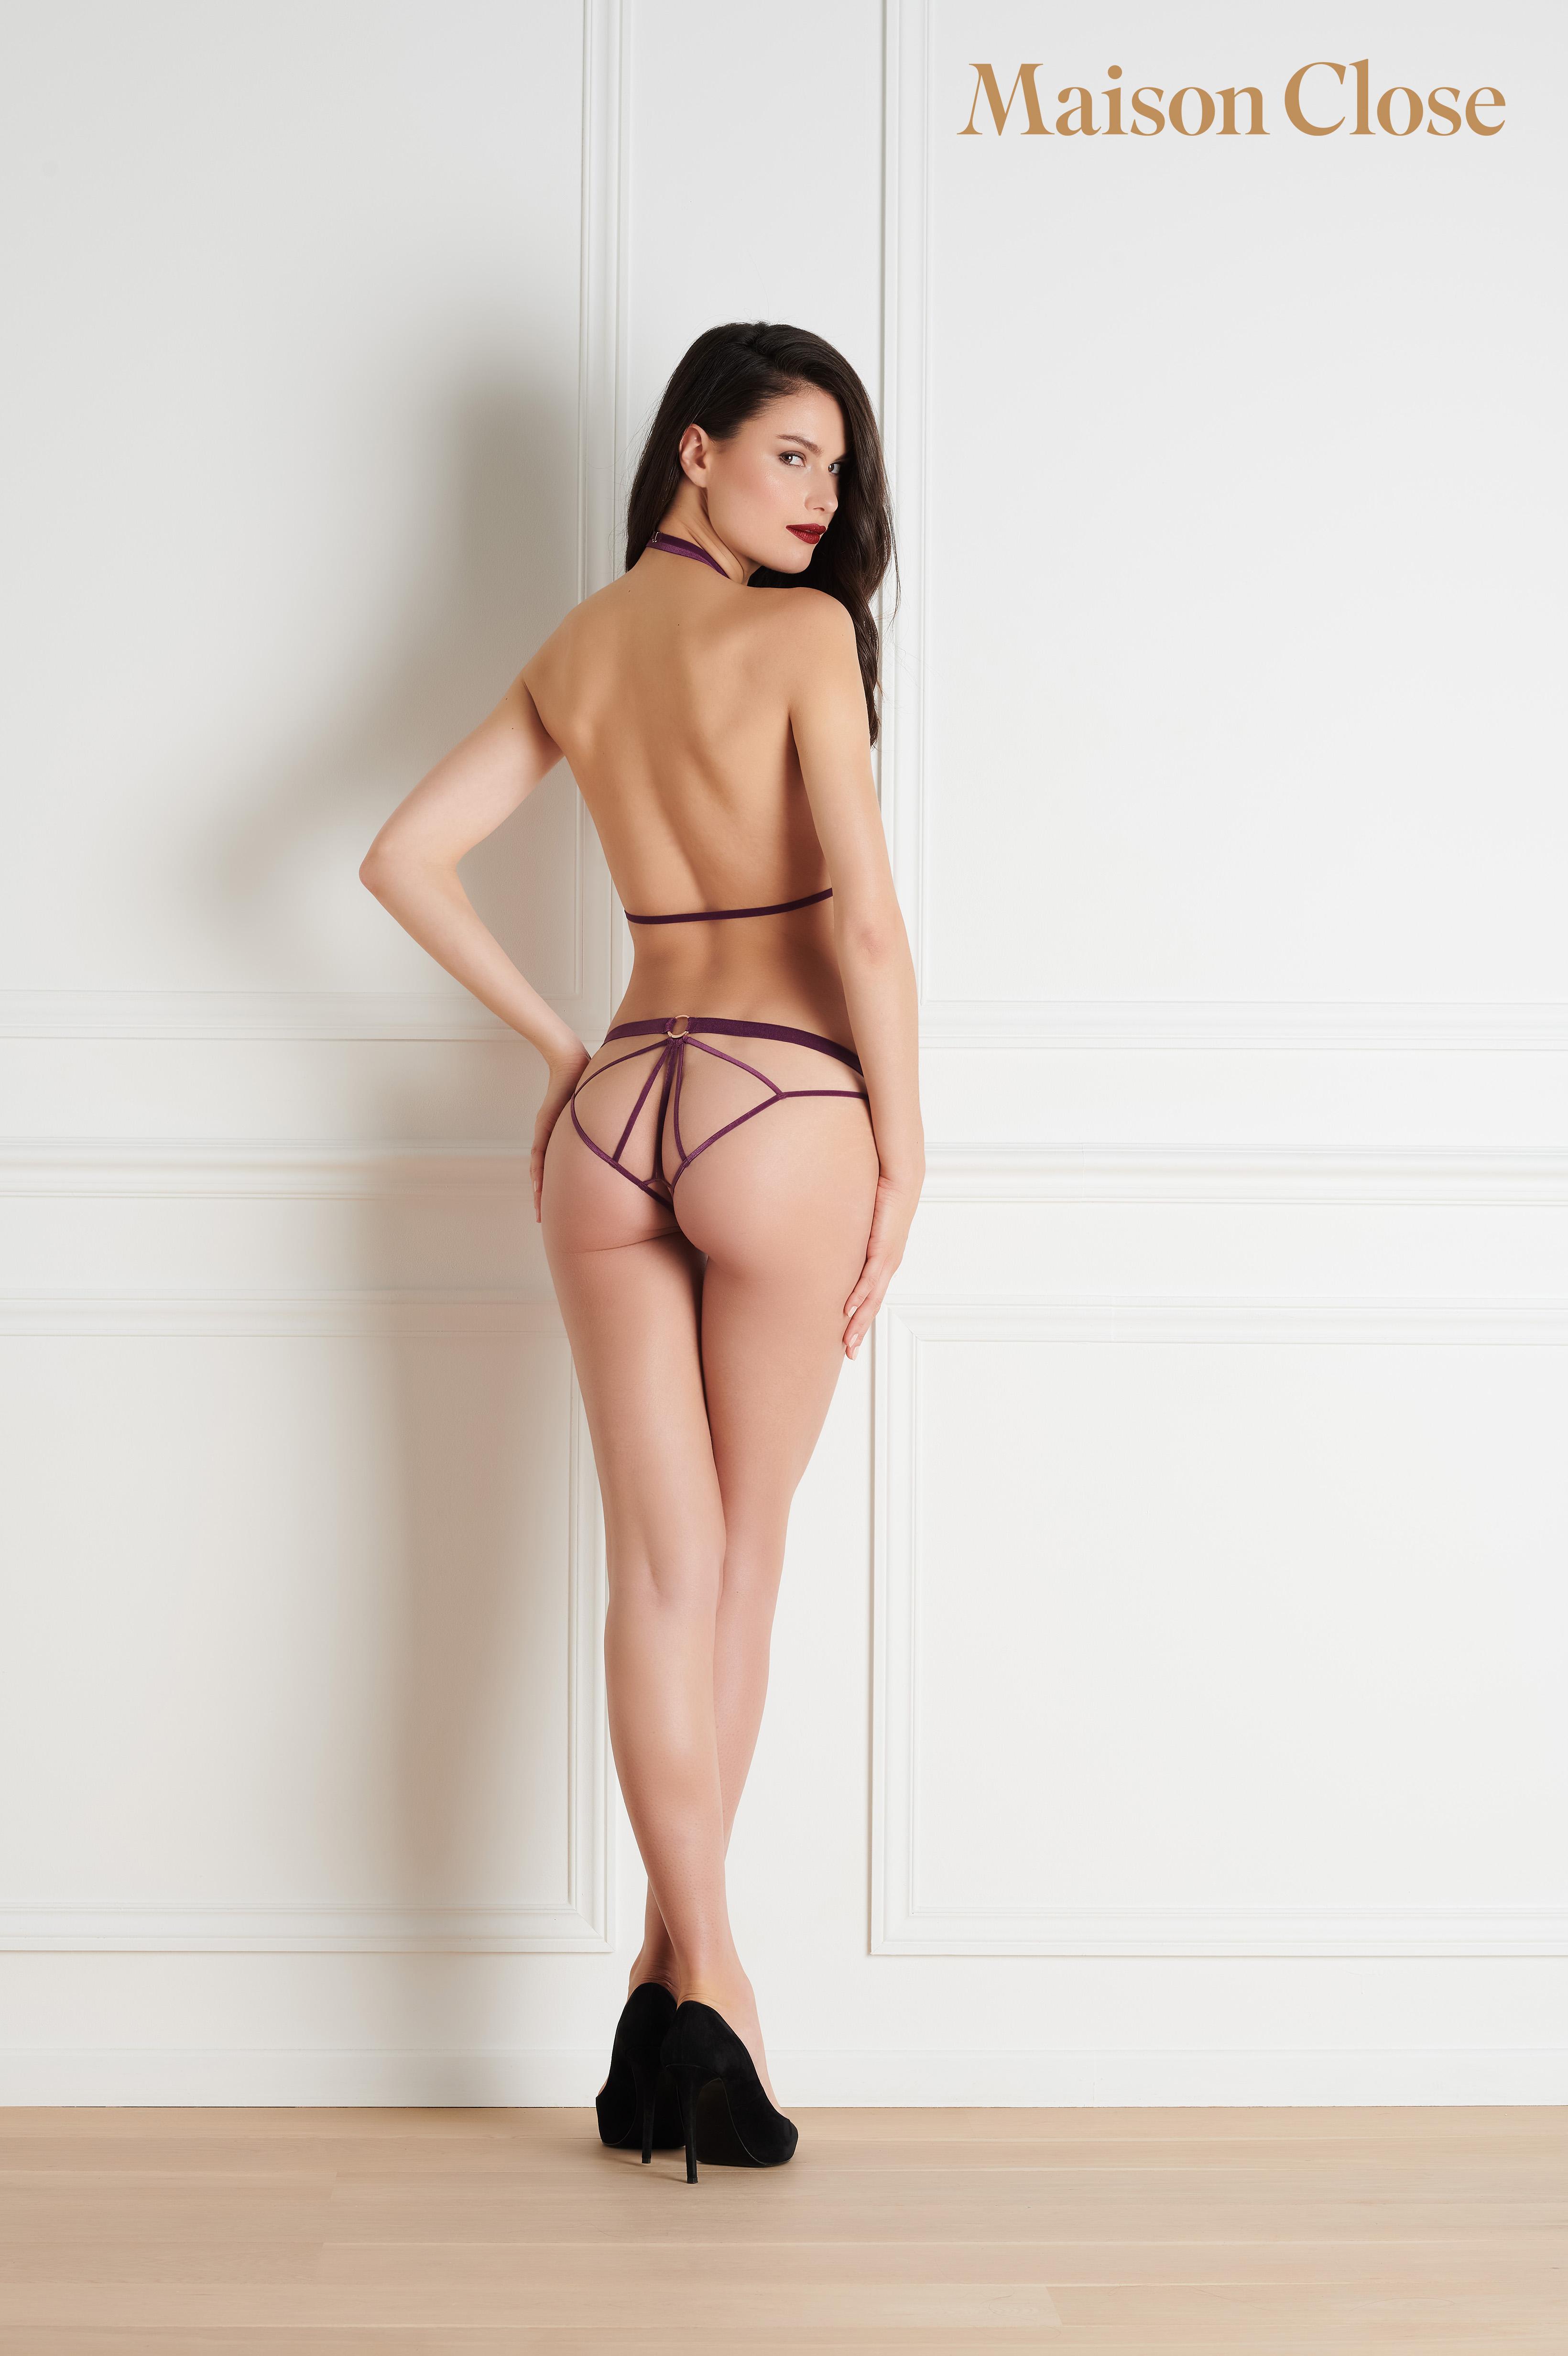 Coup de Foudre culotte ouverte Maison Close